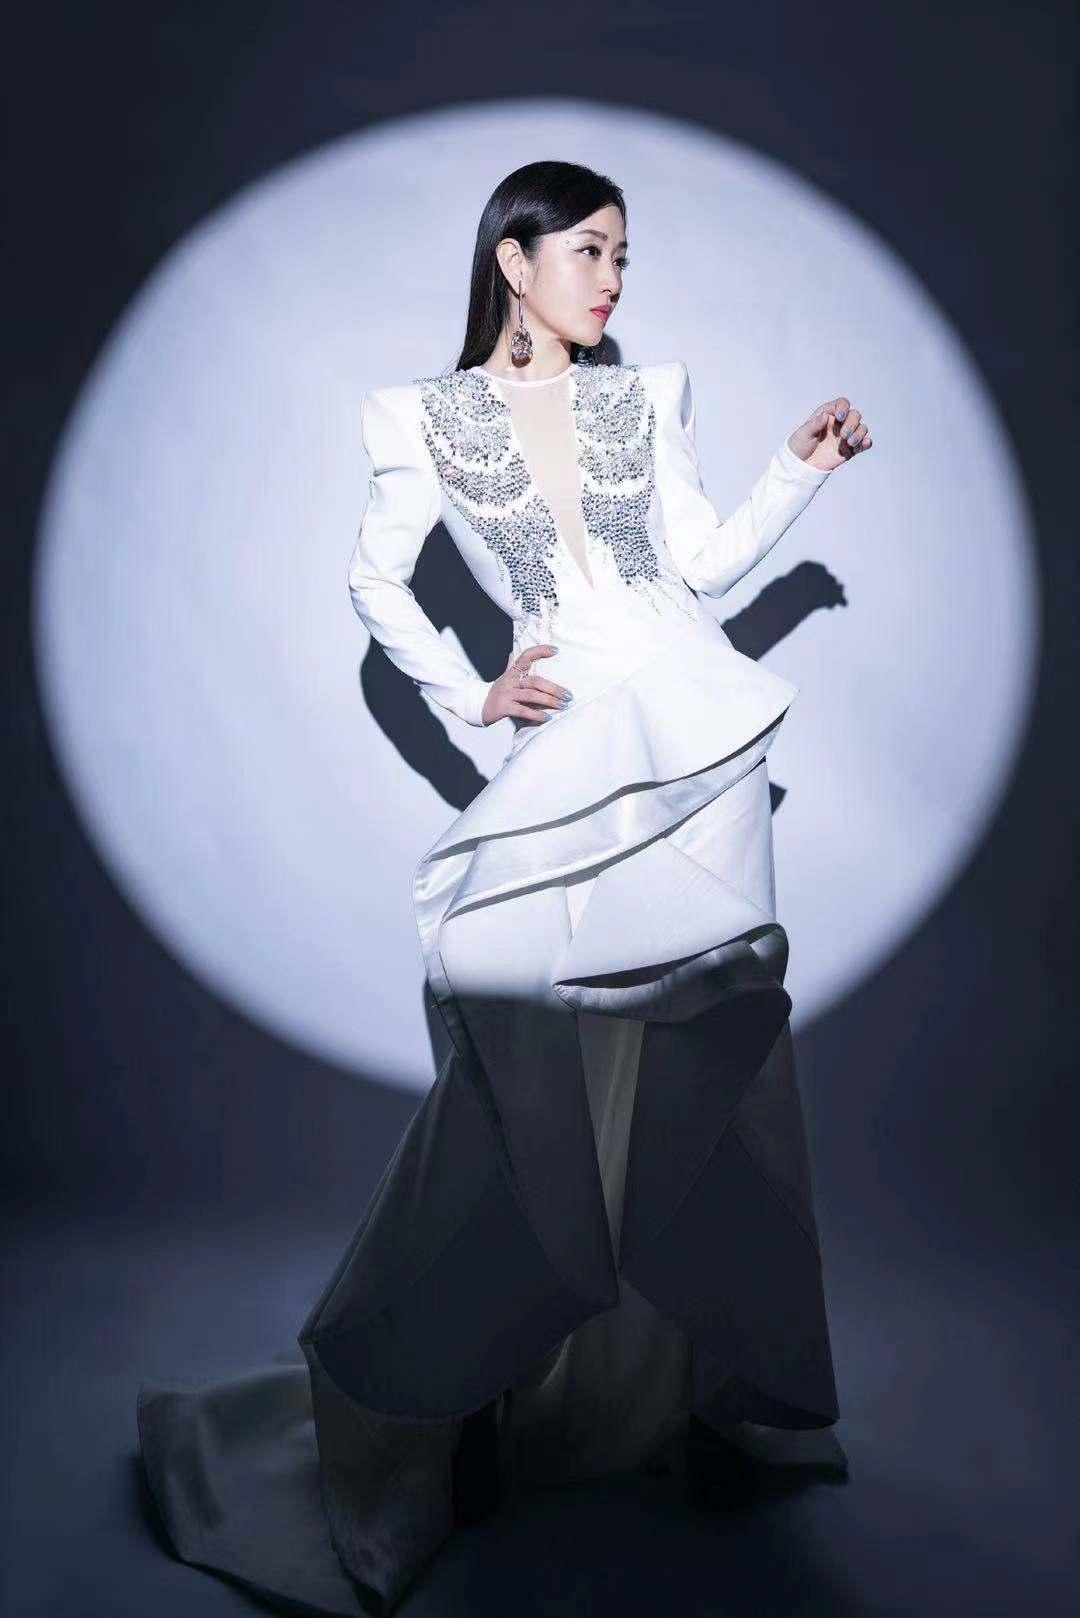 杨钰莹——一个新人姿态回归的甜歌天后